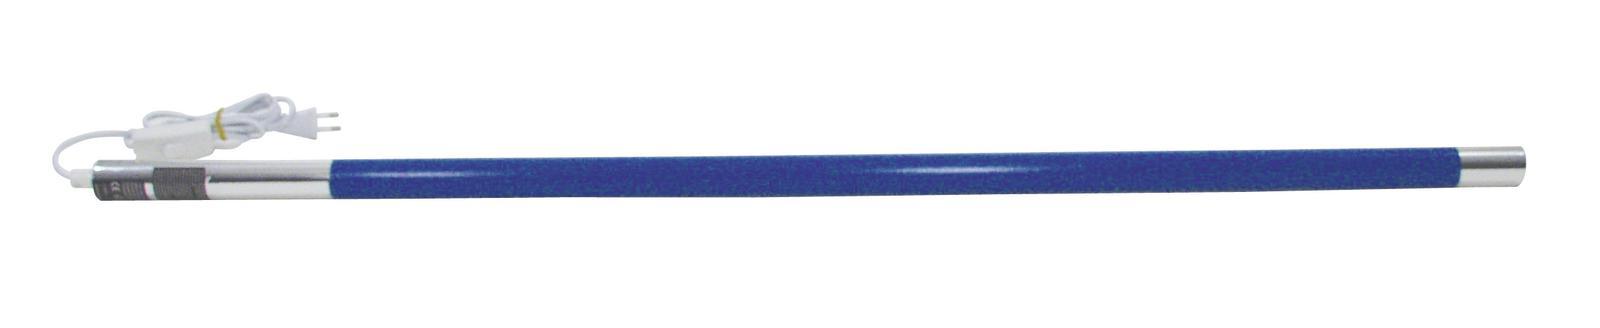 EUROLITE Leuchtstab T5 20W 105cm blau